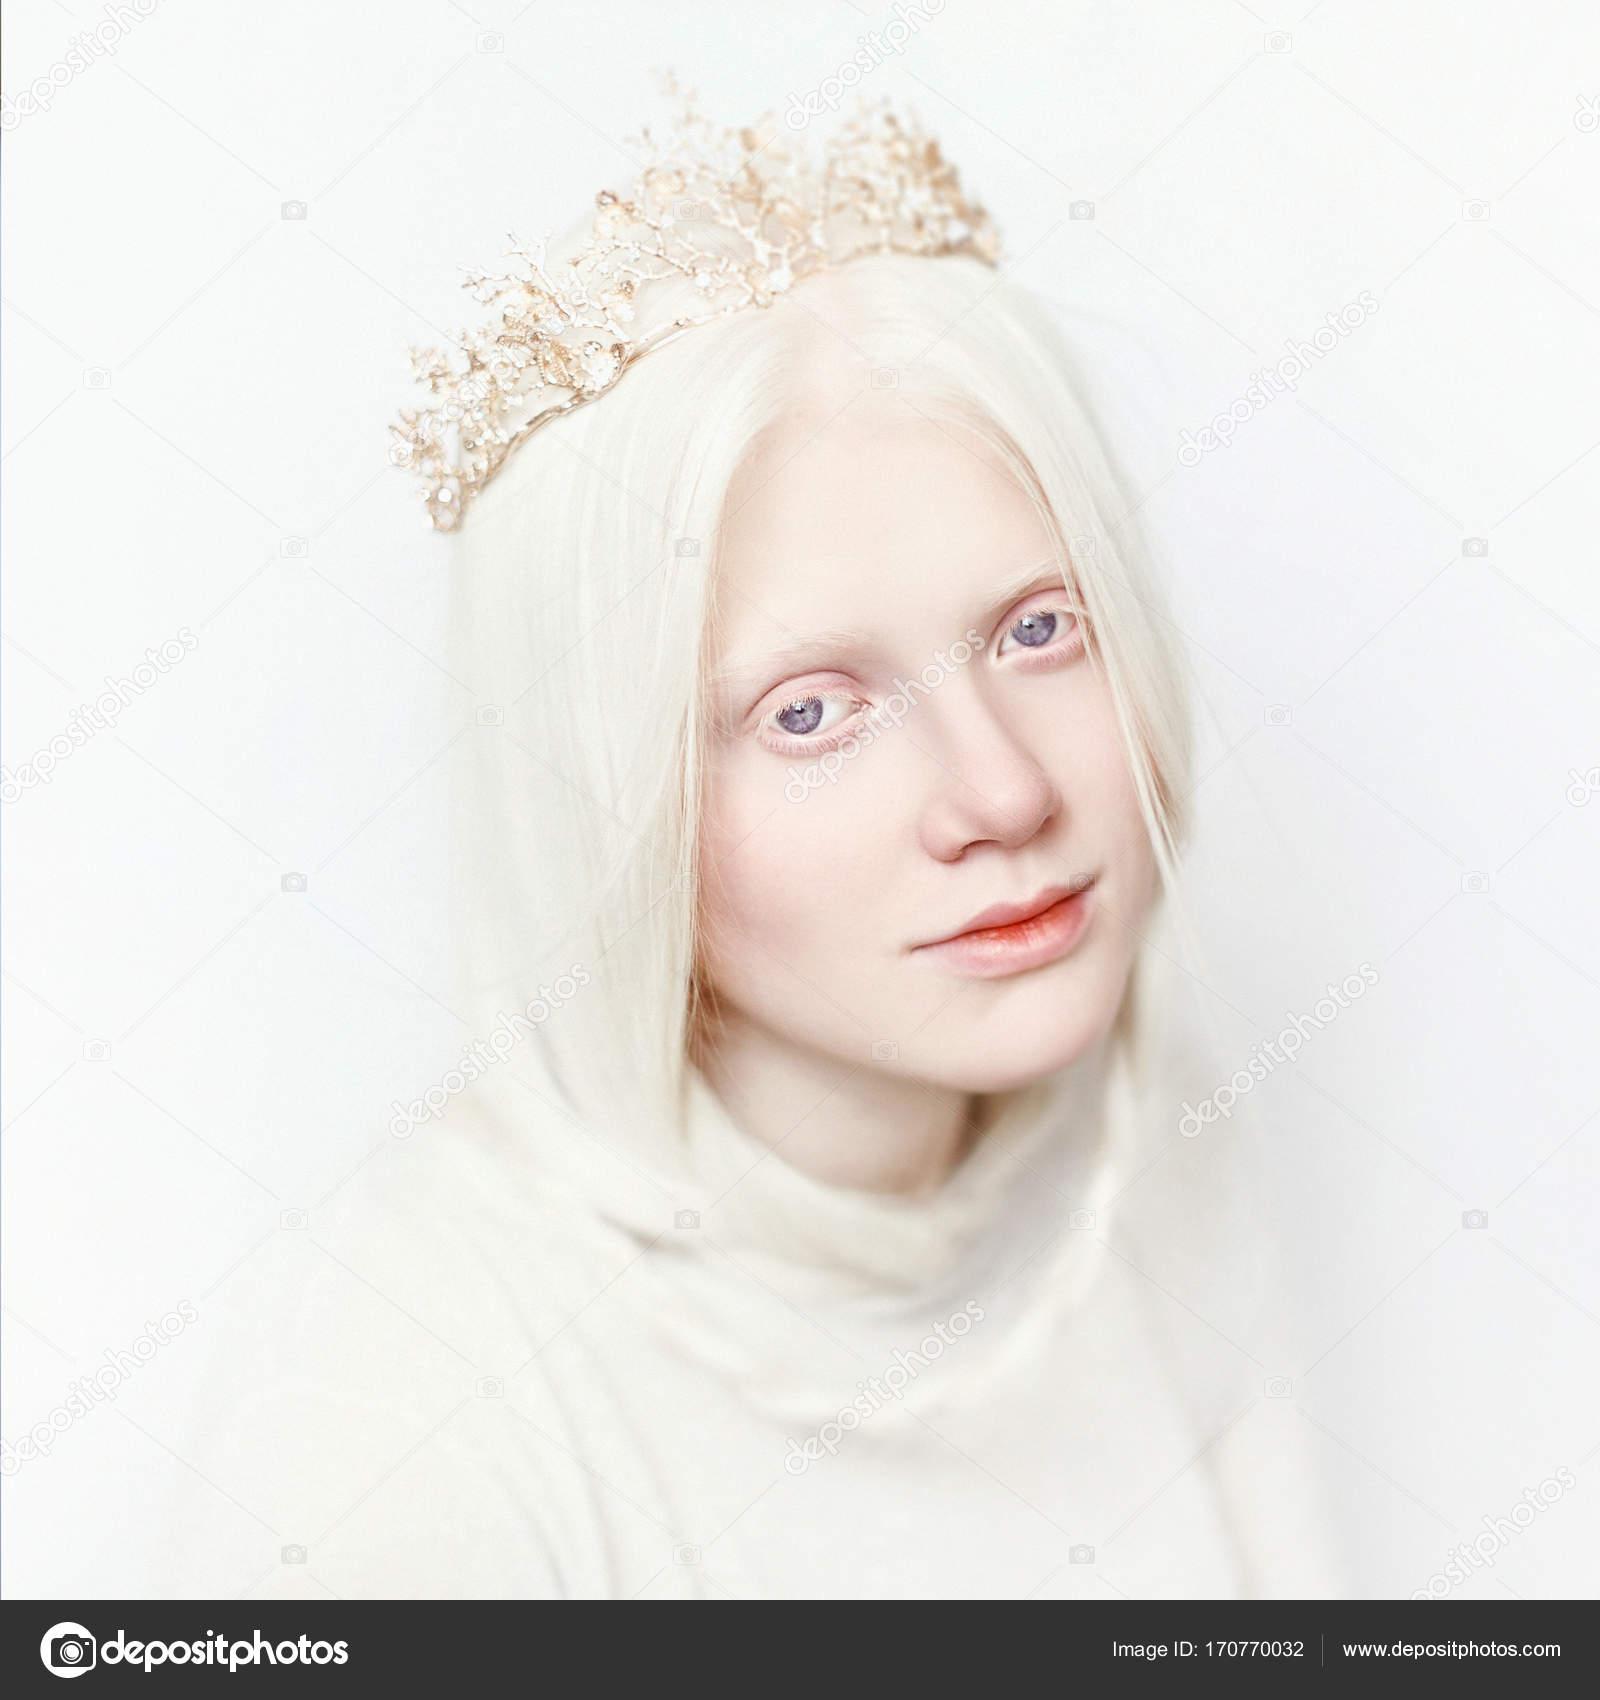 ragazza di regina di albino con pelle bianca naturale